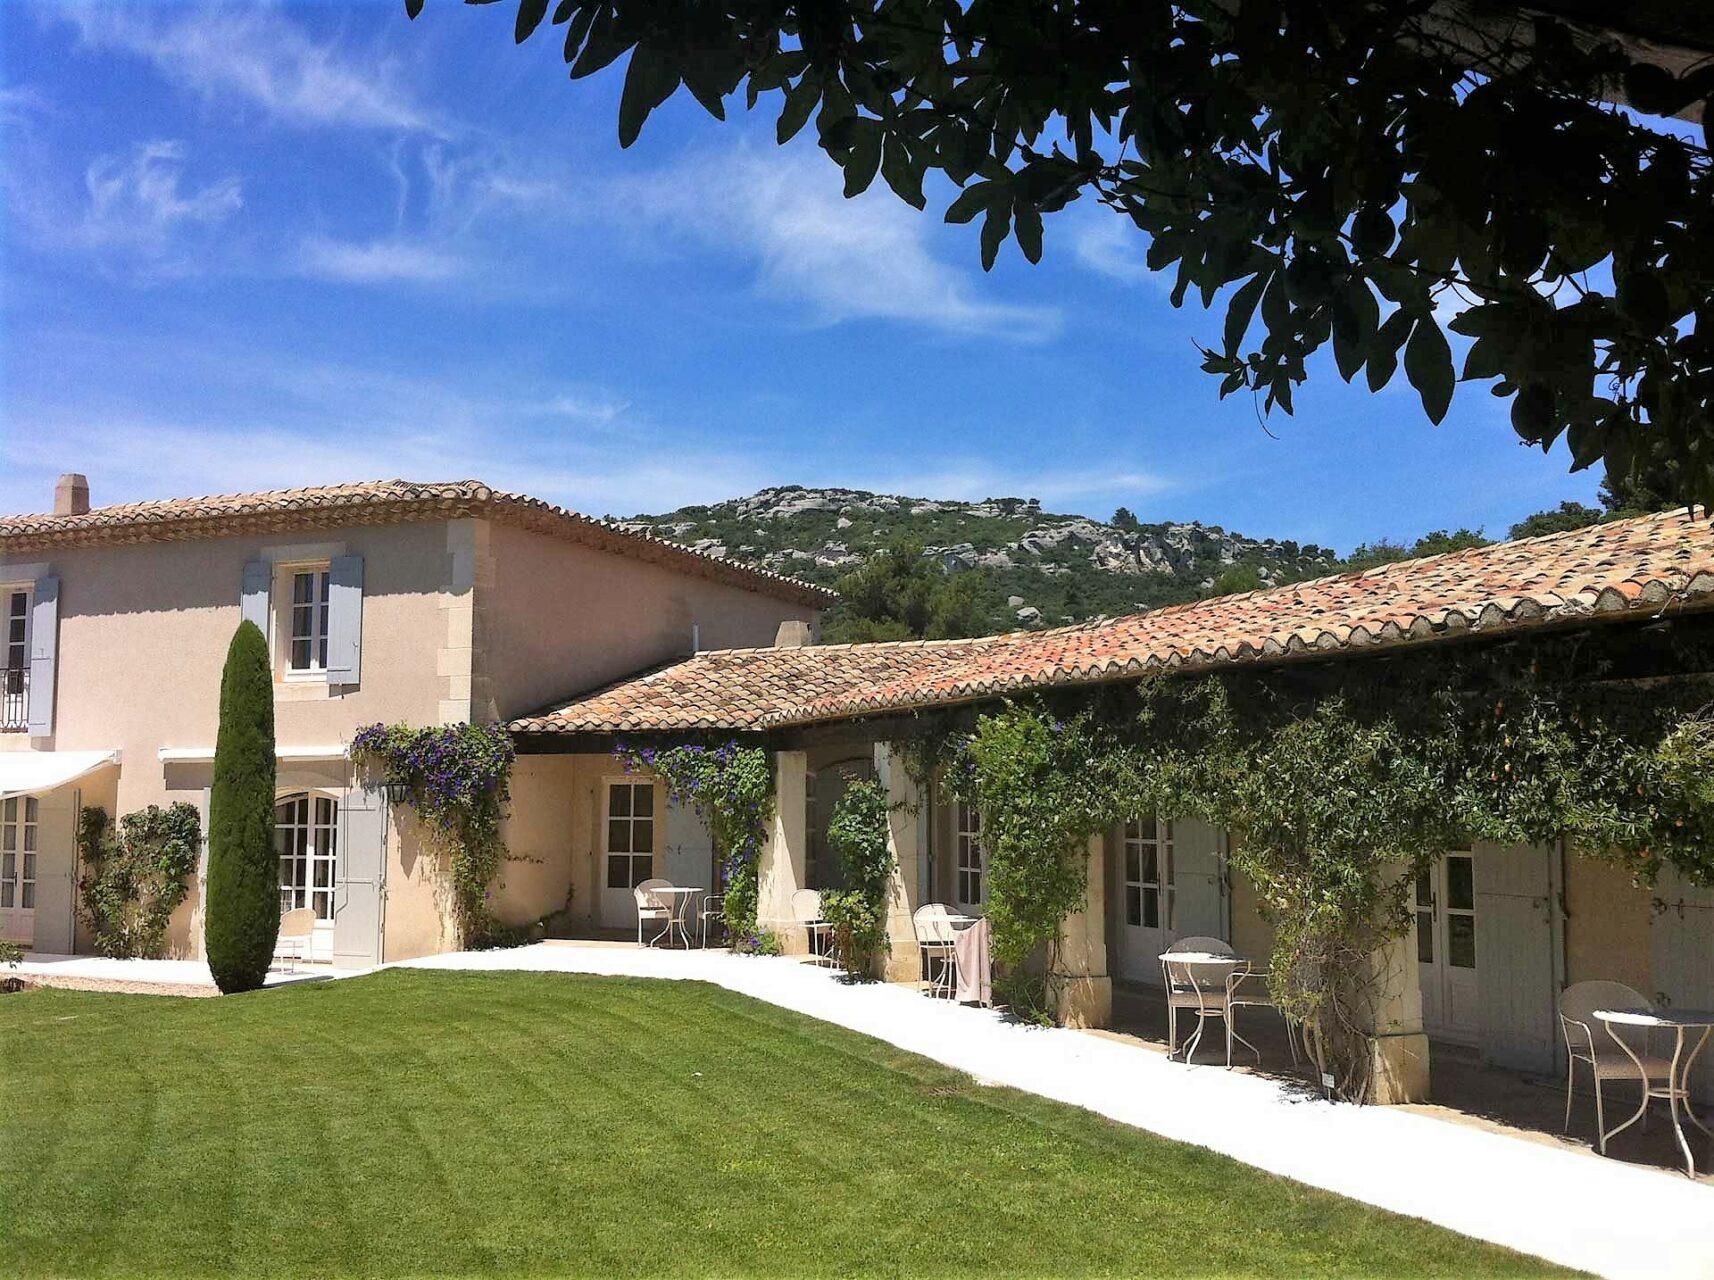 Mas-de-l'oulivie-Les-Baux -de-Provence-avignon-saint-remy-alpilles-jardins